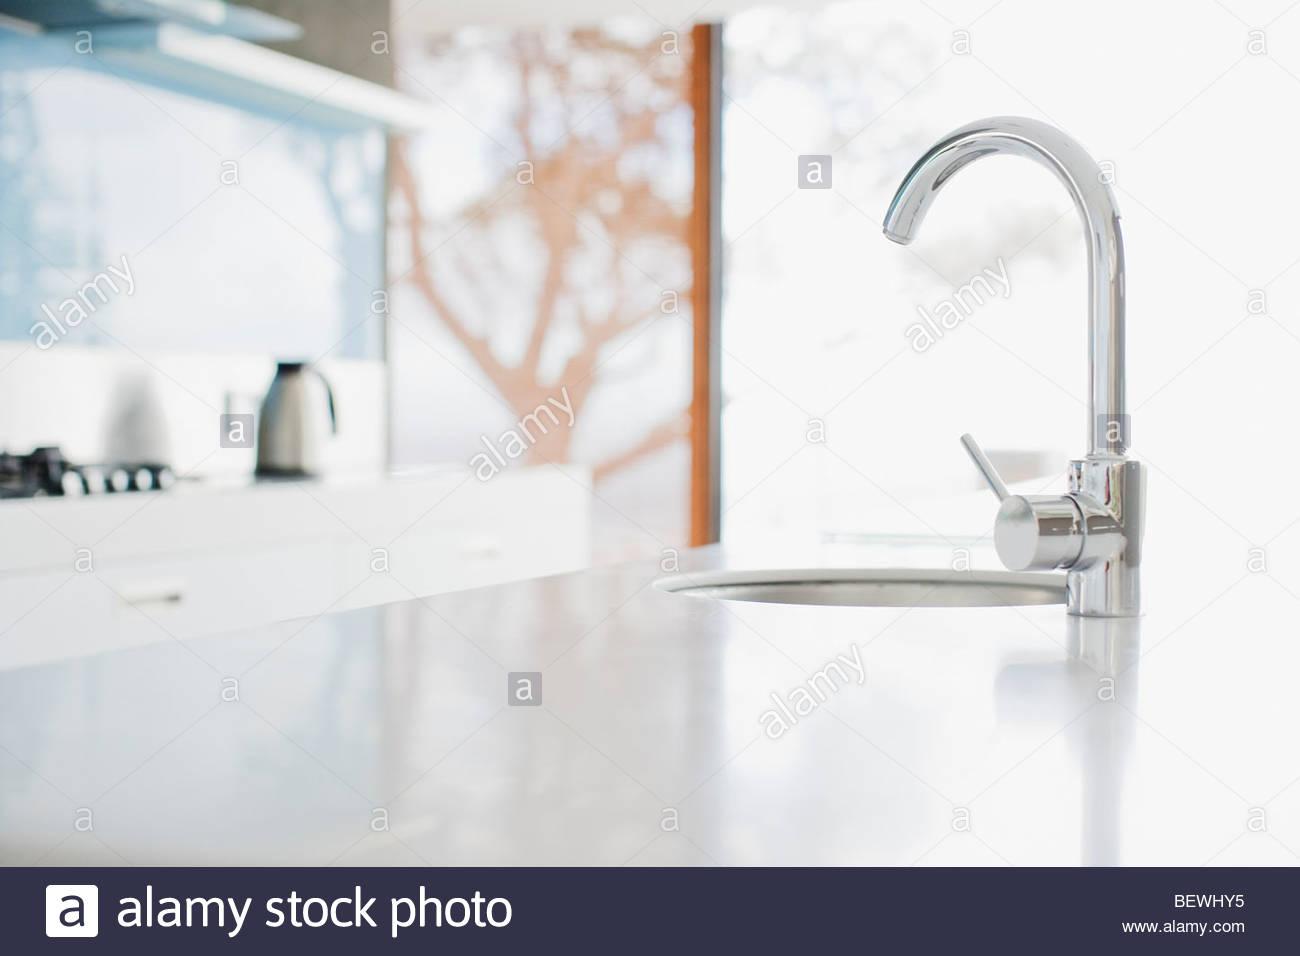 Feche A Torneira De Cozinha Moderna E Dissipador De Calor Foto